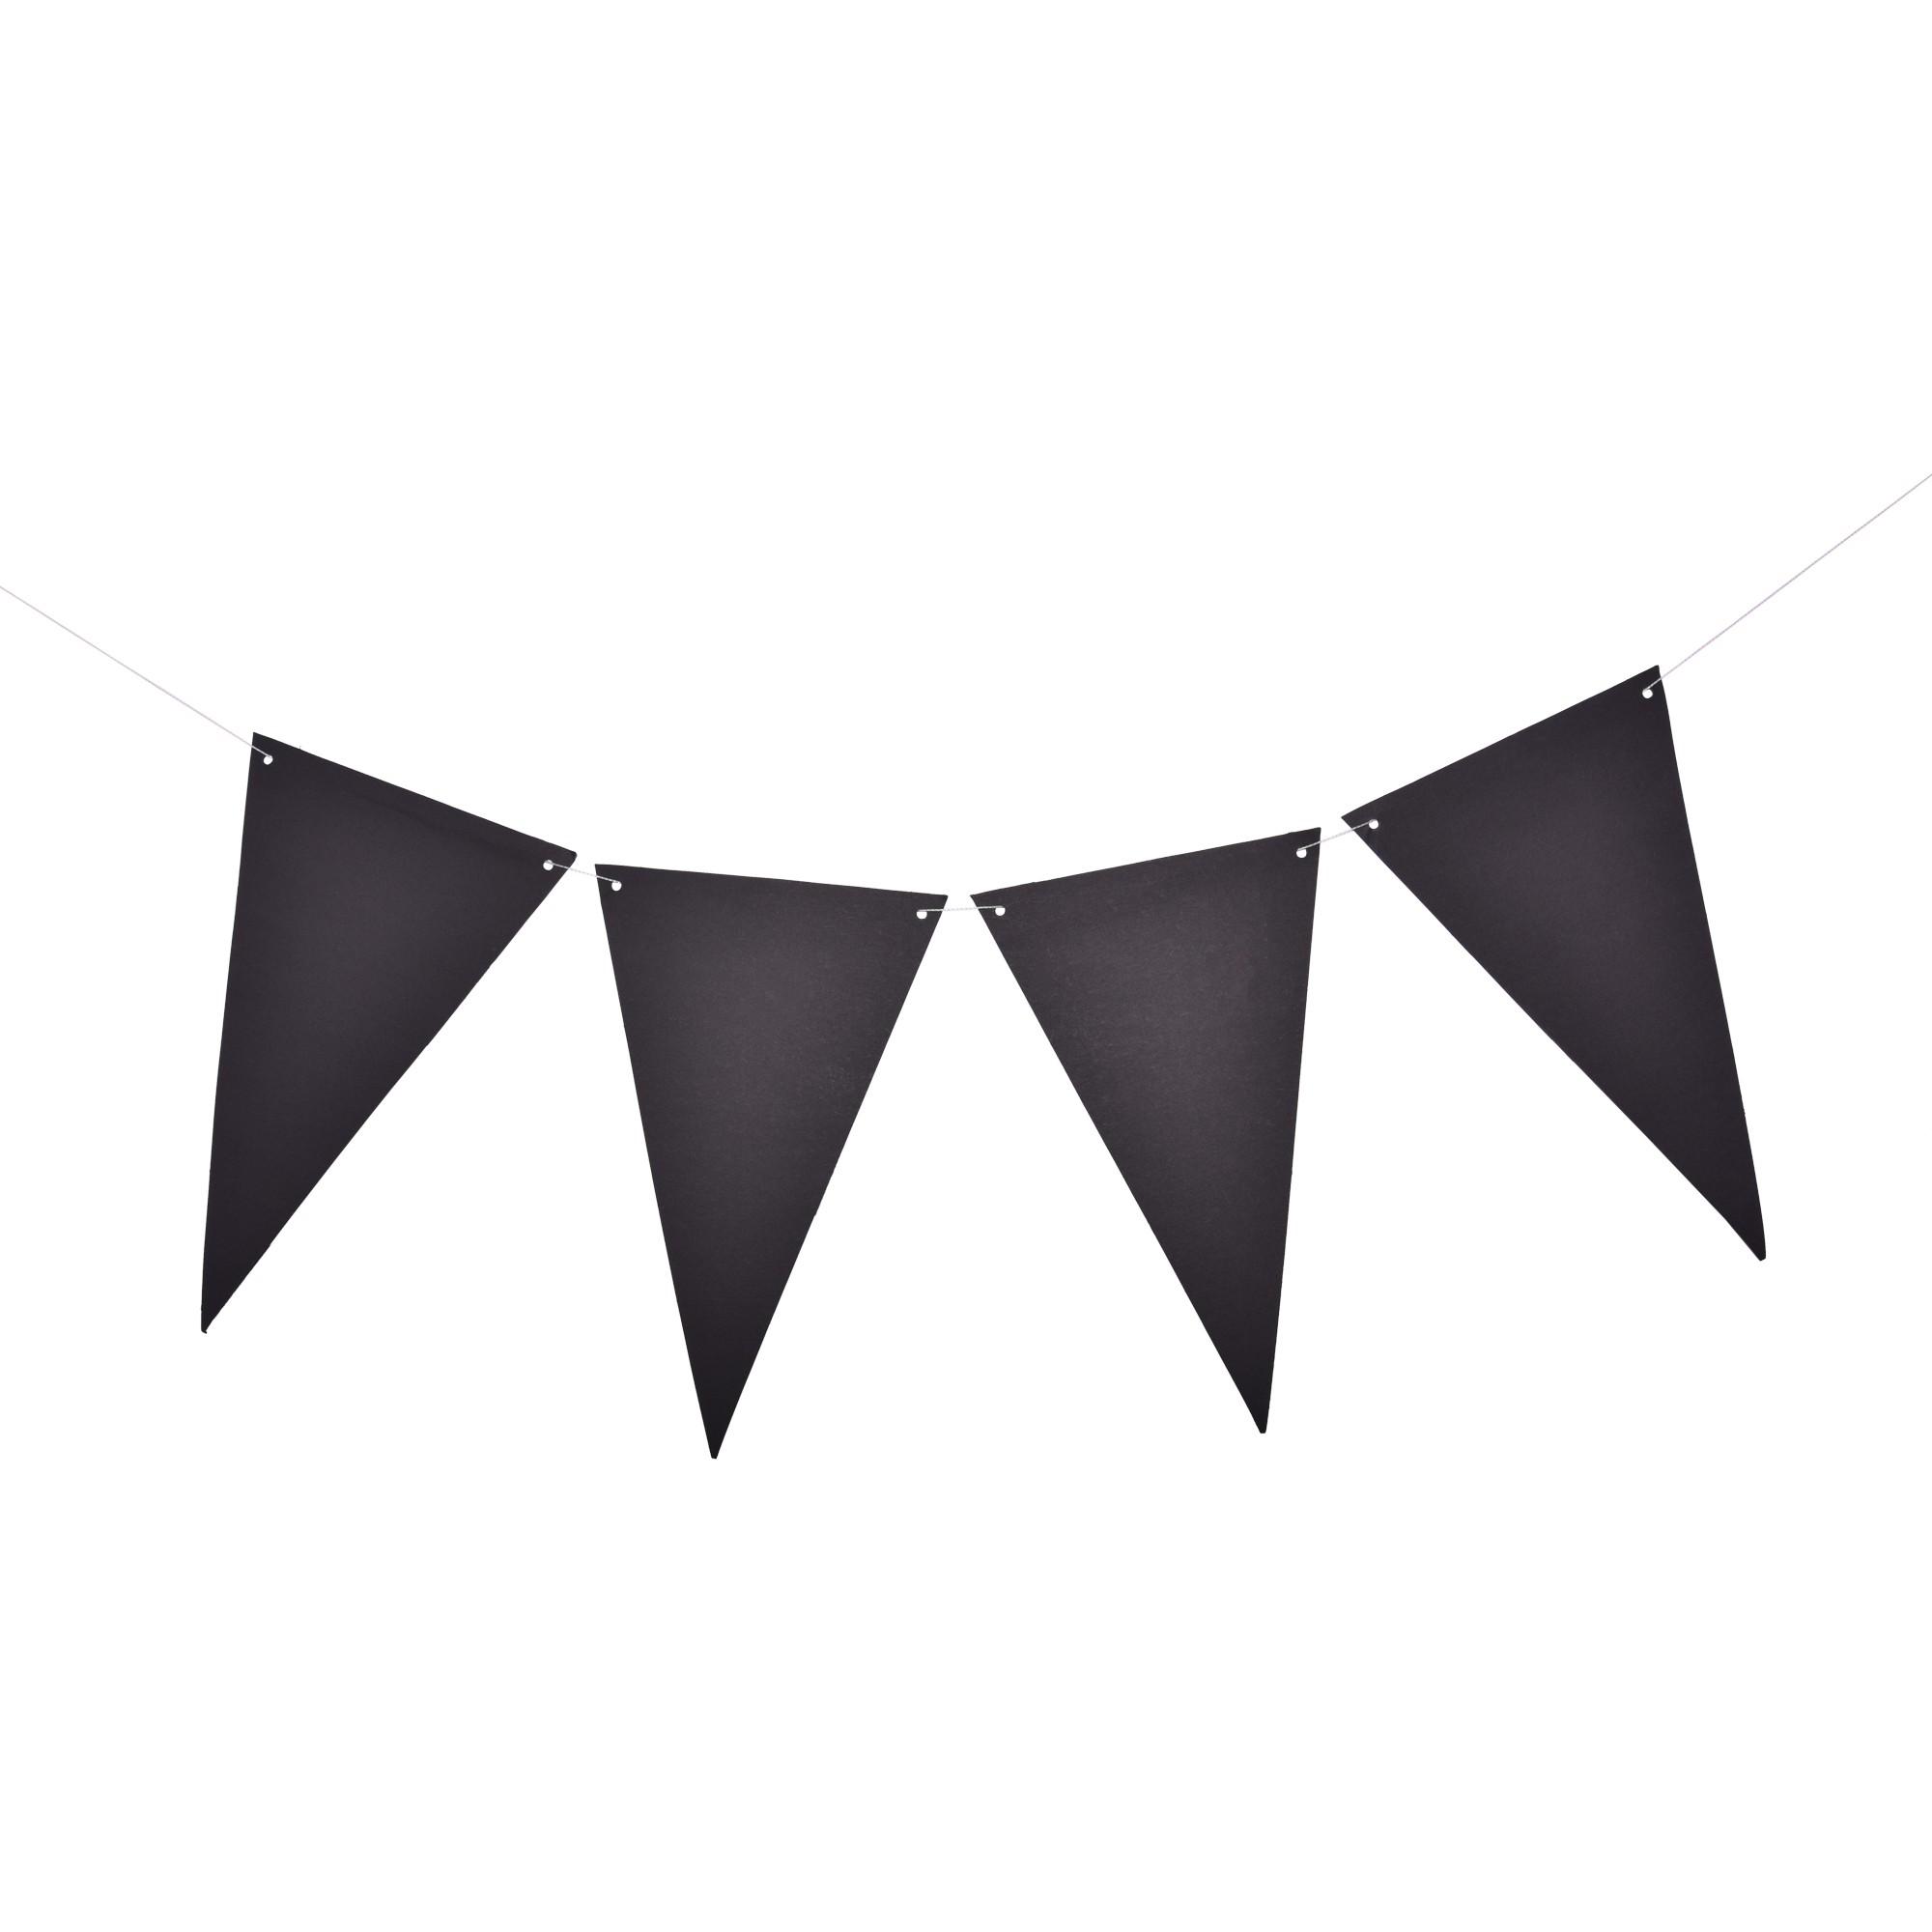 שרשרת דגלוני נייר שחורים עם גירים לכתיבה